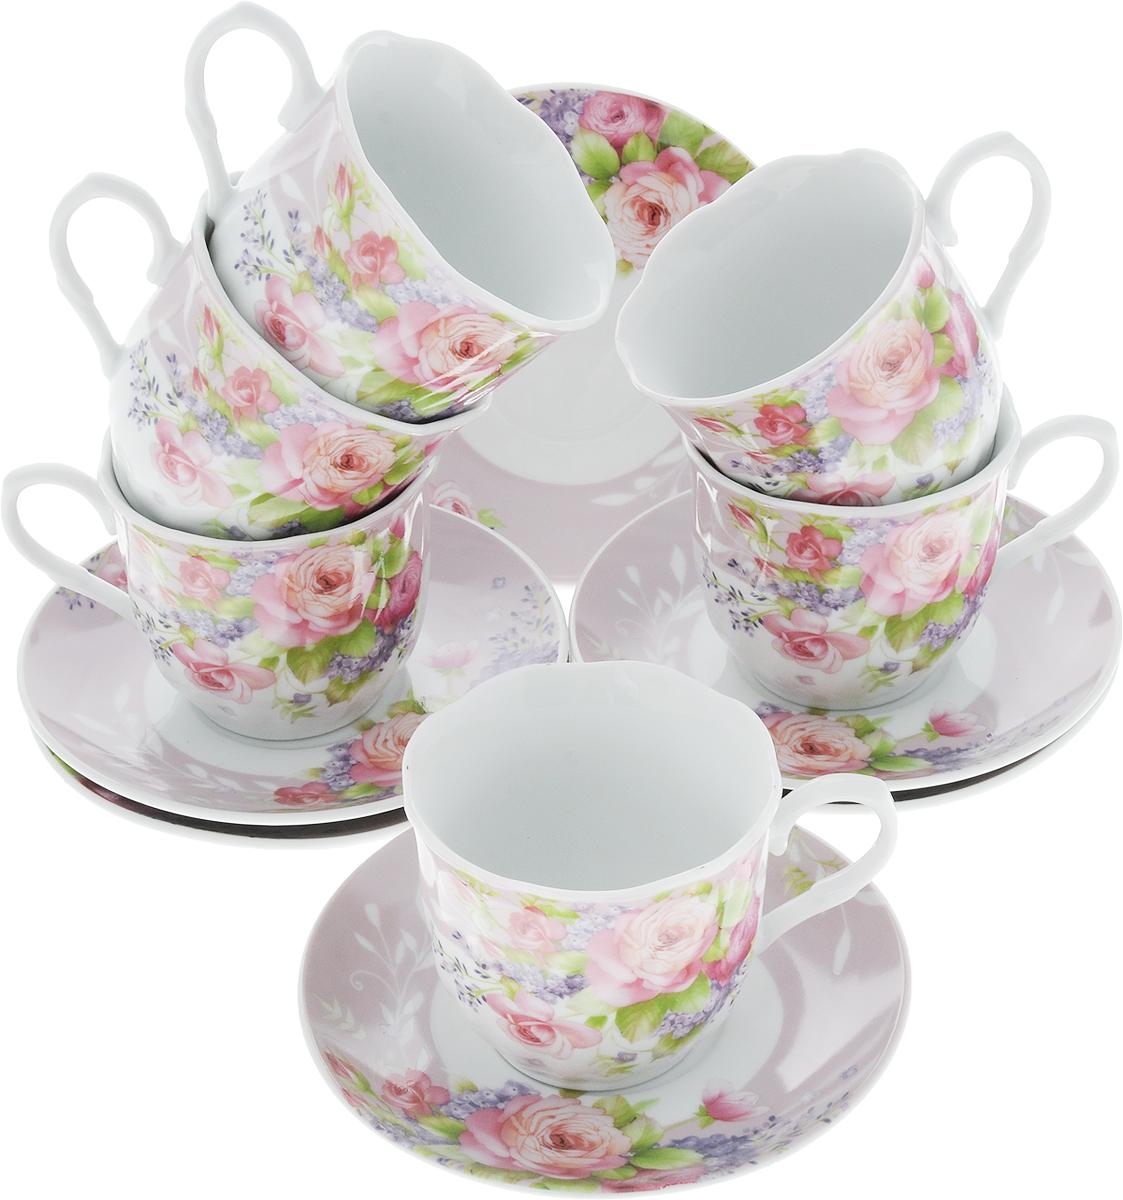 Чайный сервиз Loraine Цветы, 220 мл, 12 предметов. 25910 adamff сервиз mignon 28 см